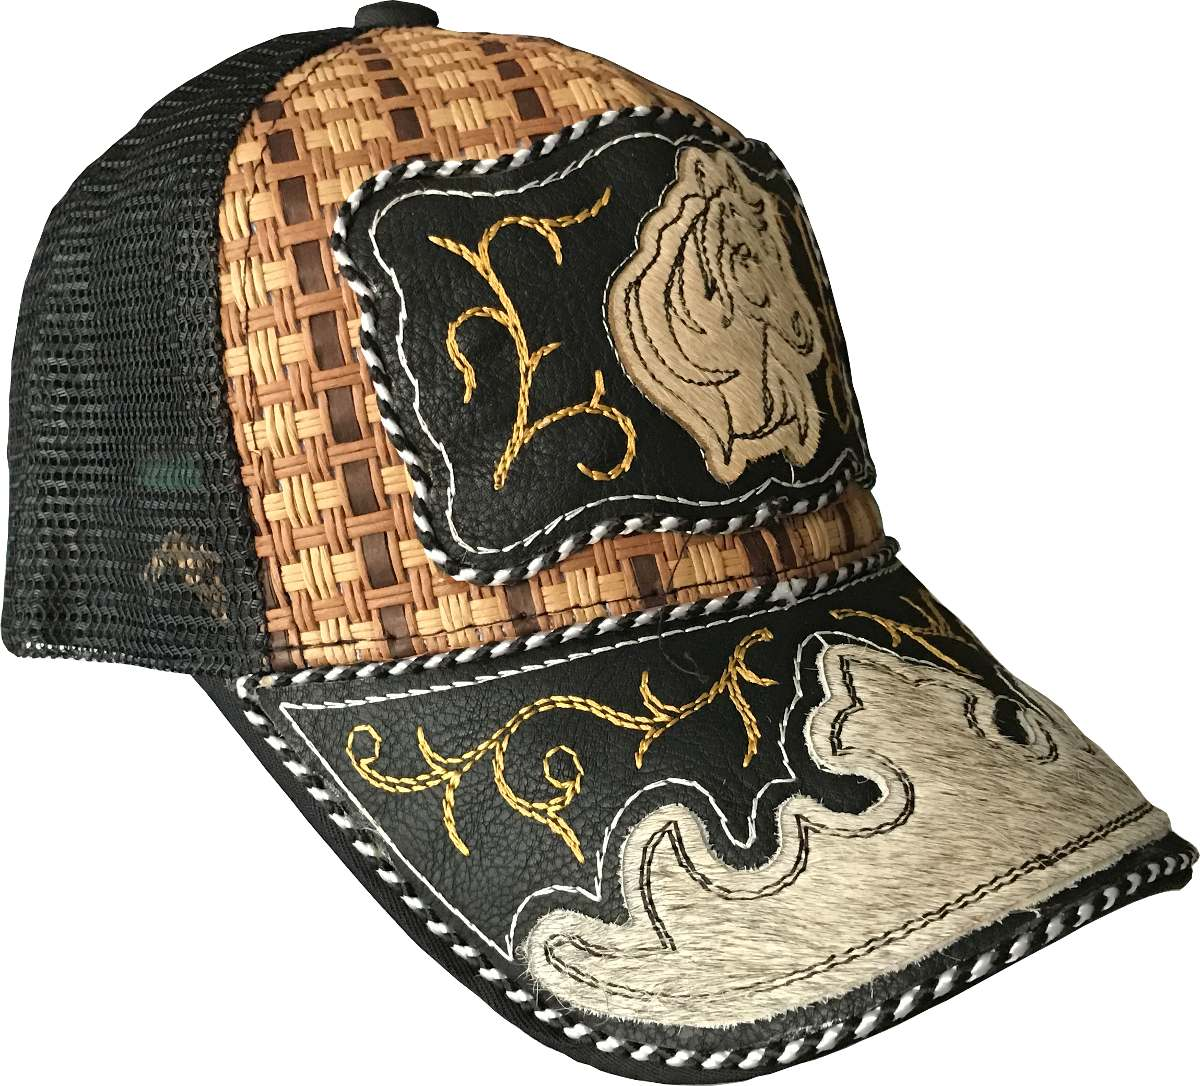 6614127b6aac6 Gorra Ranchera Gorranchera Mexicana -   40.000 en Mercado Libre